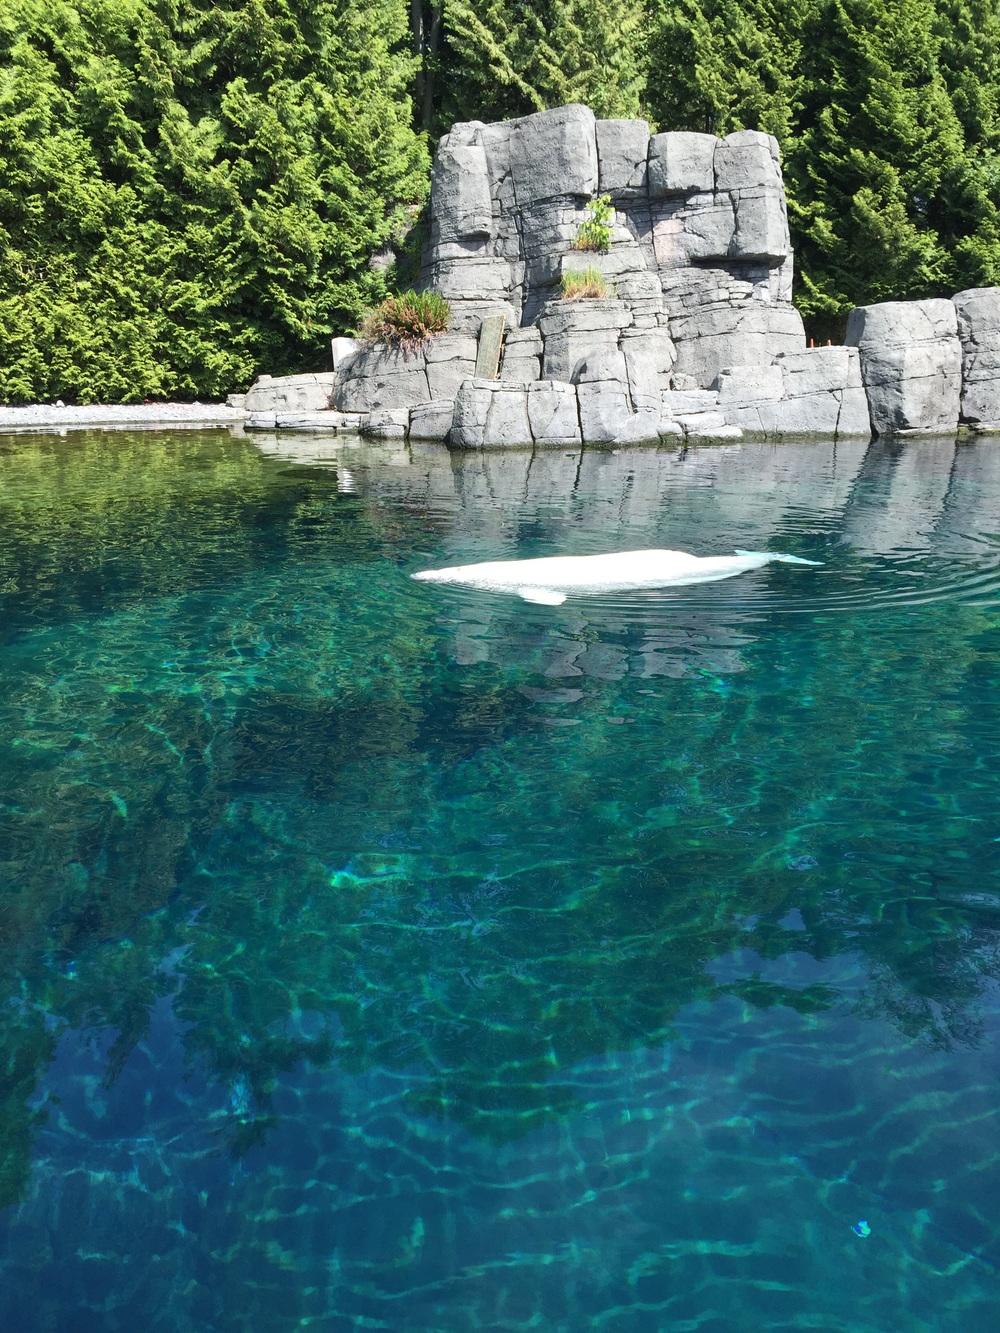 A white whale...